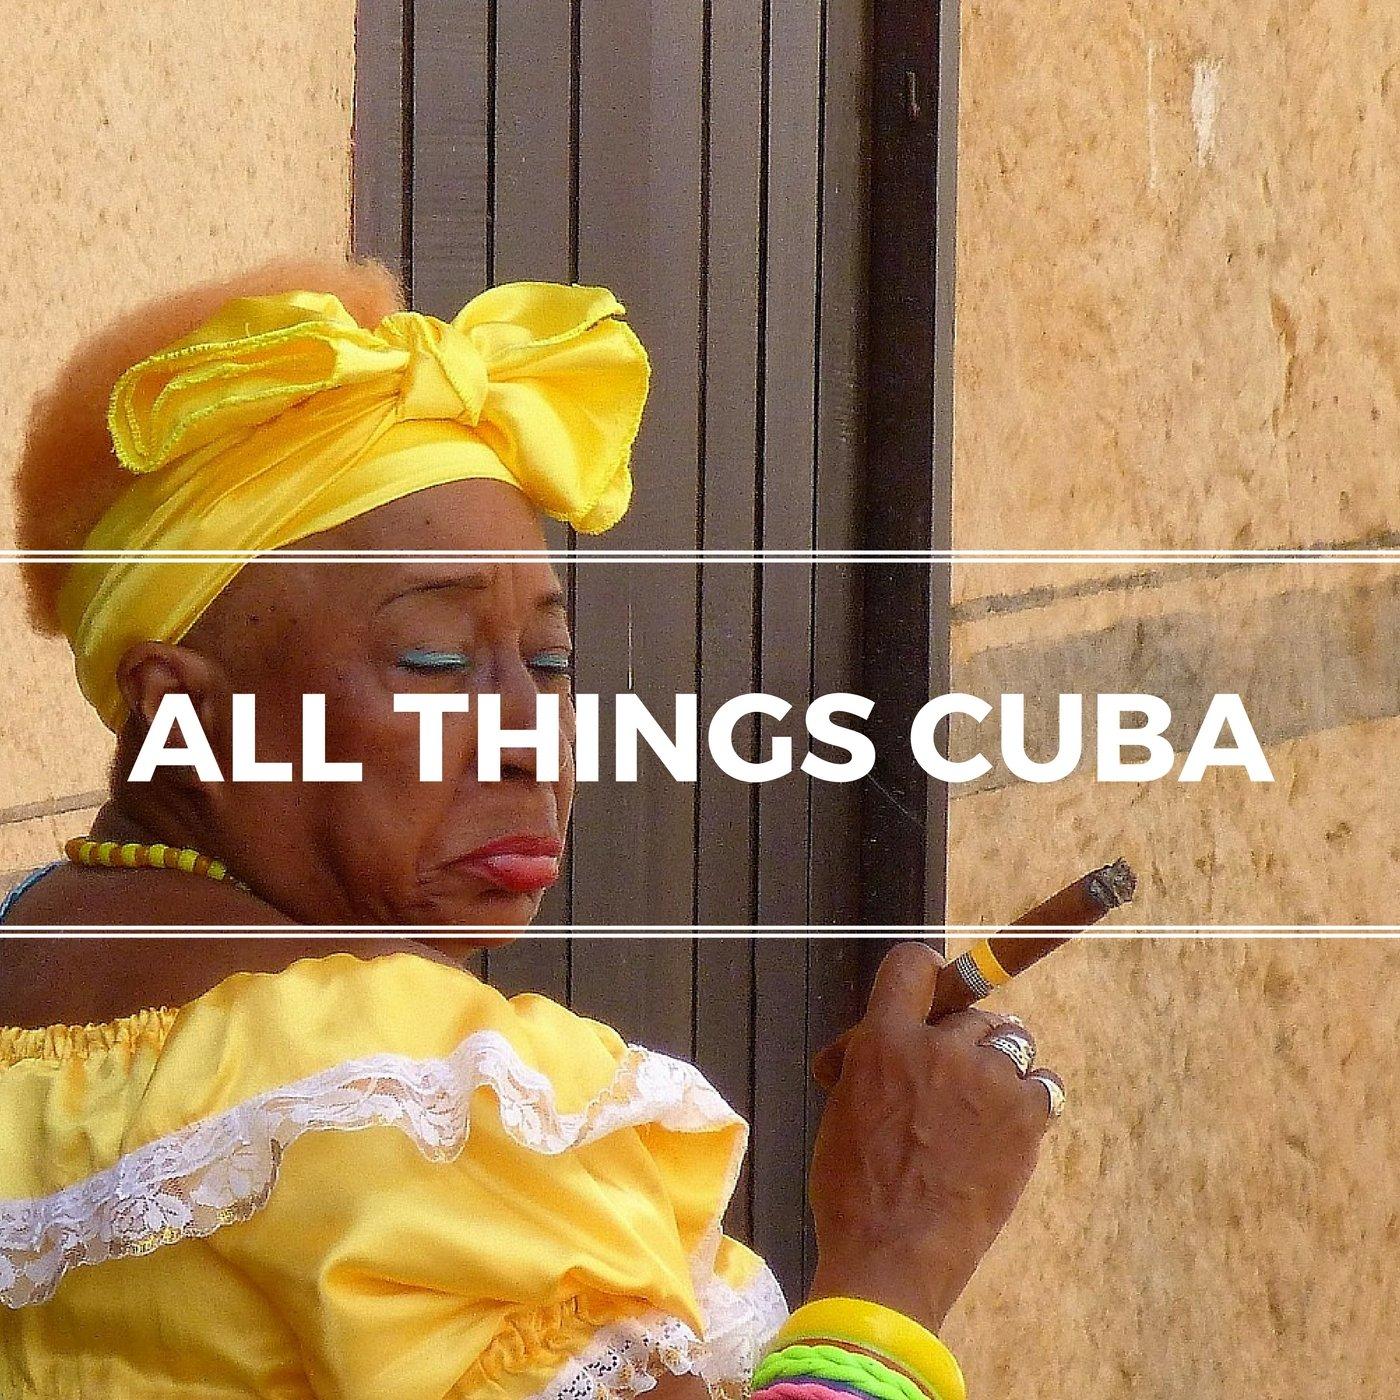 All Things Cuba